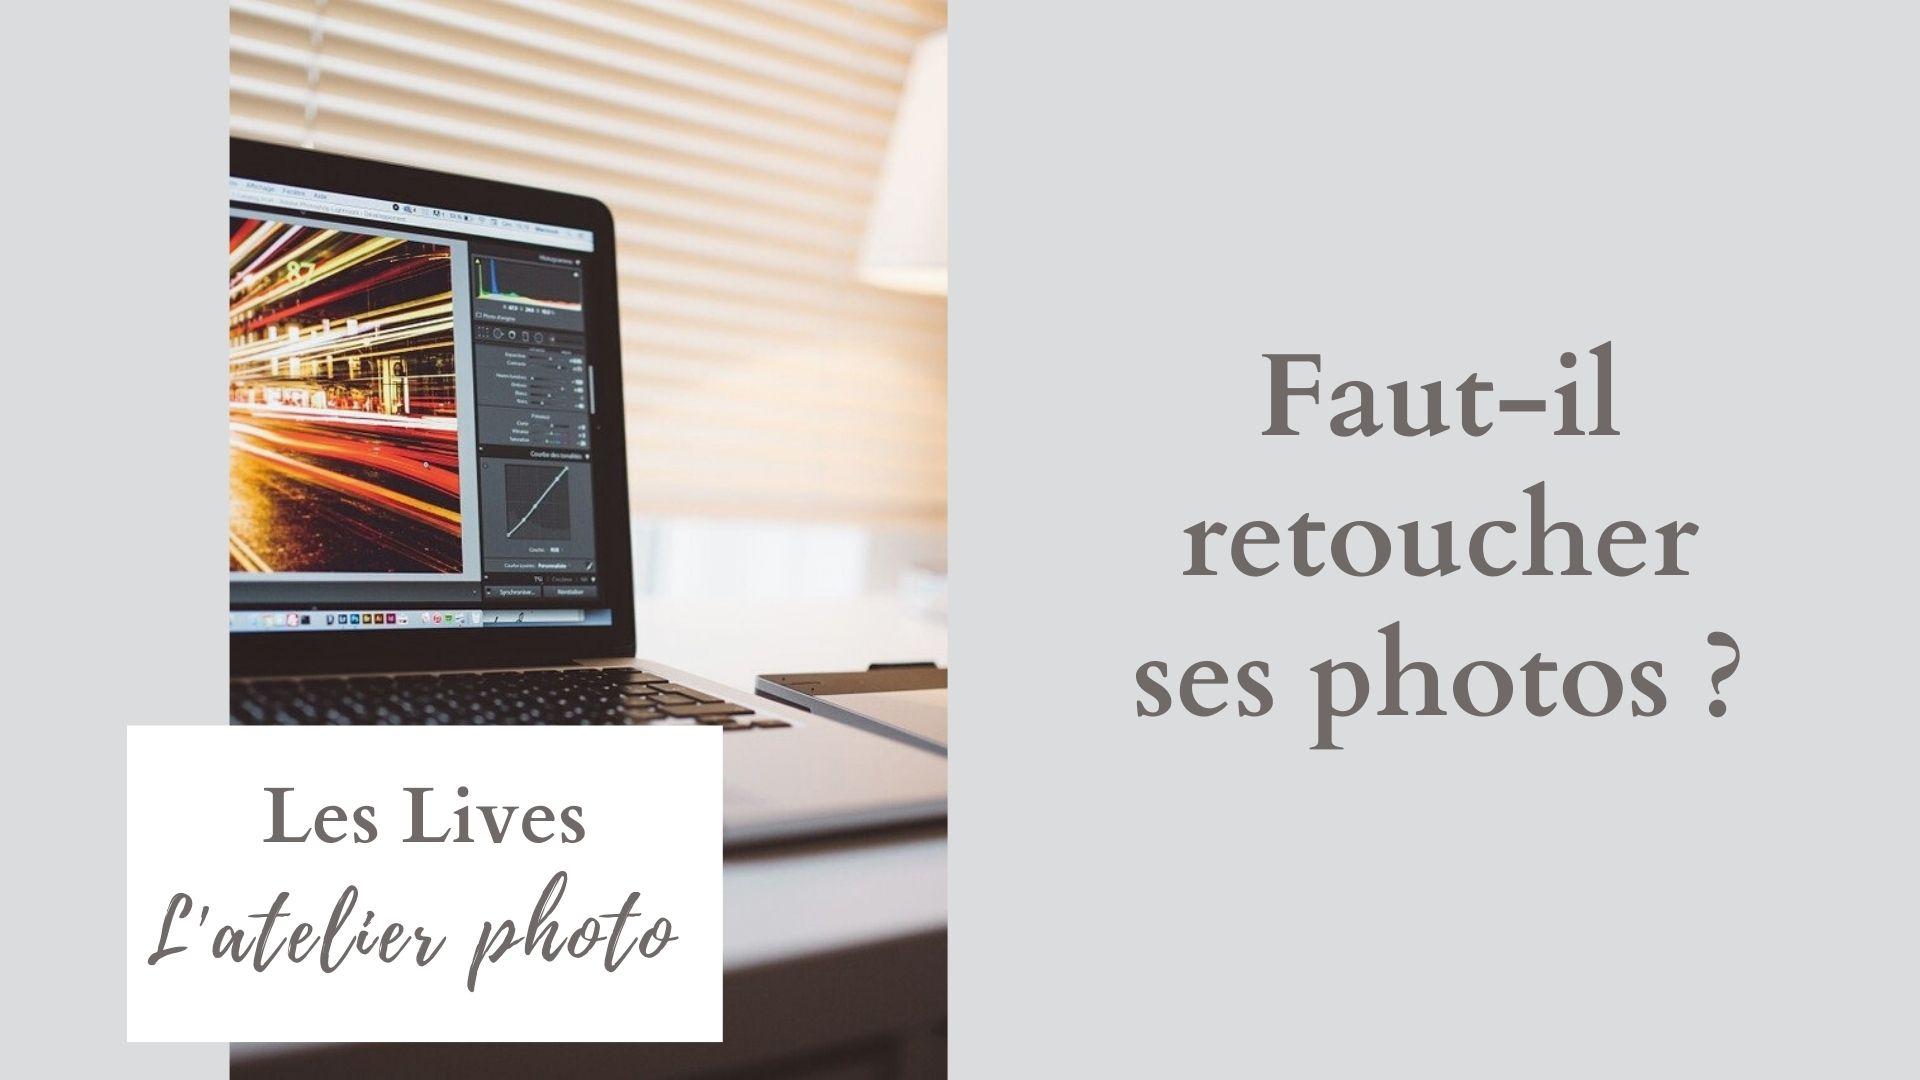 Les Lives de l'Atelier Photo   Faut-il retoucher ses photos ?